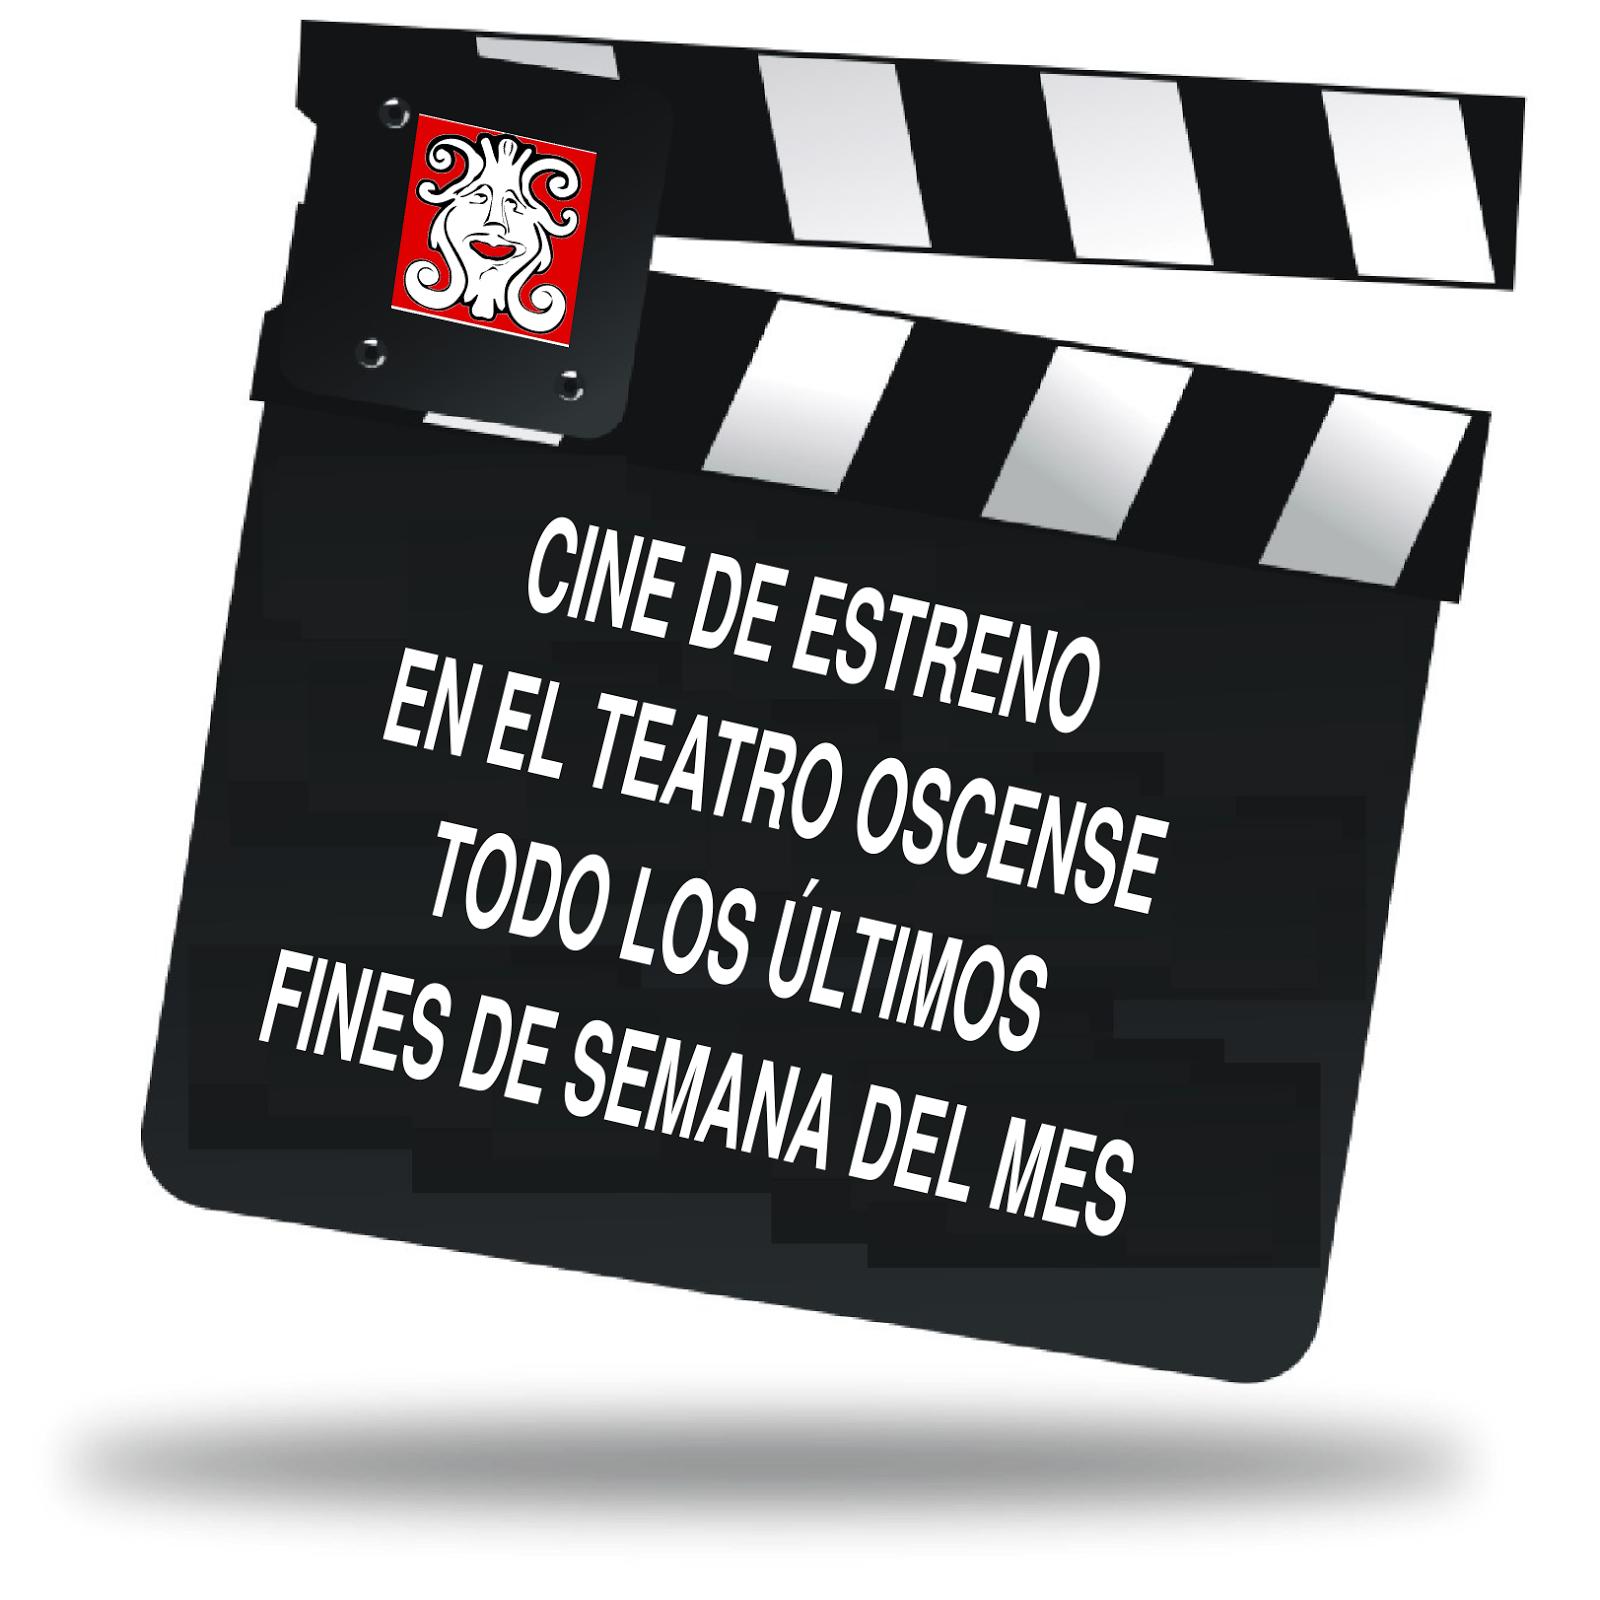 Cine de estreno